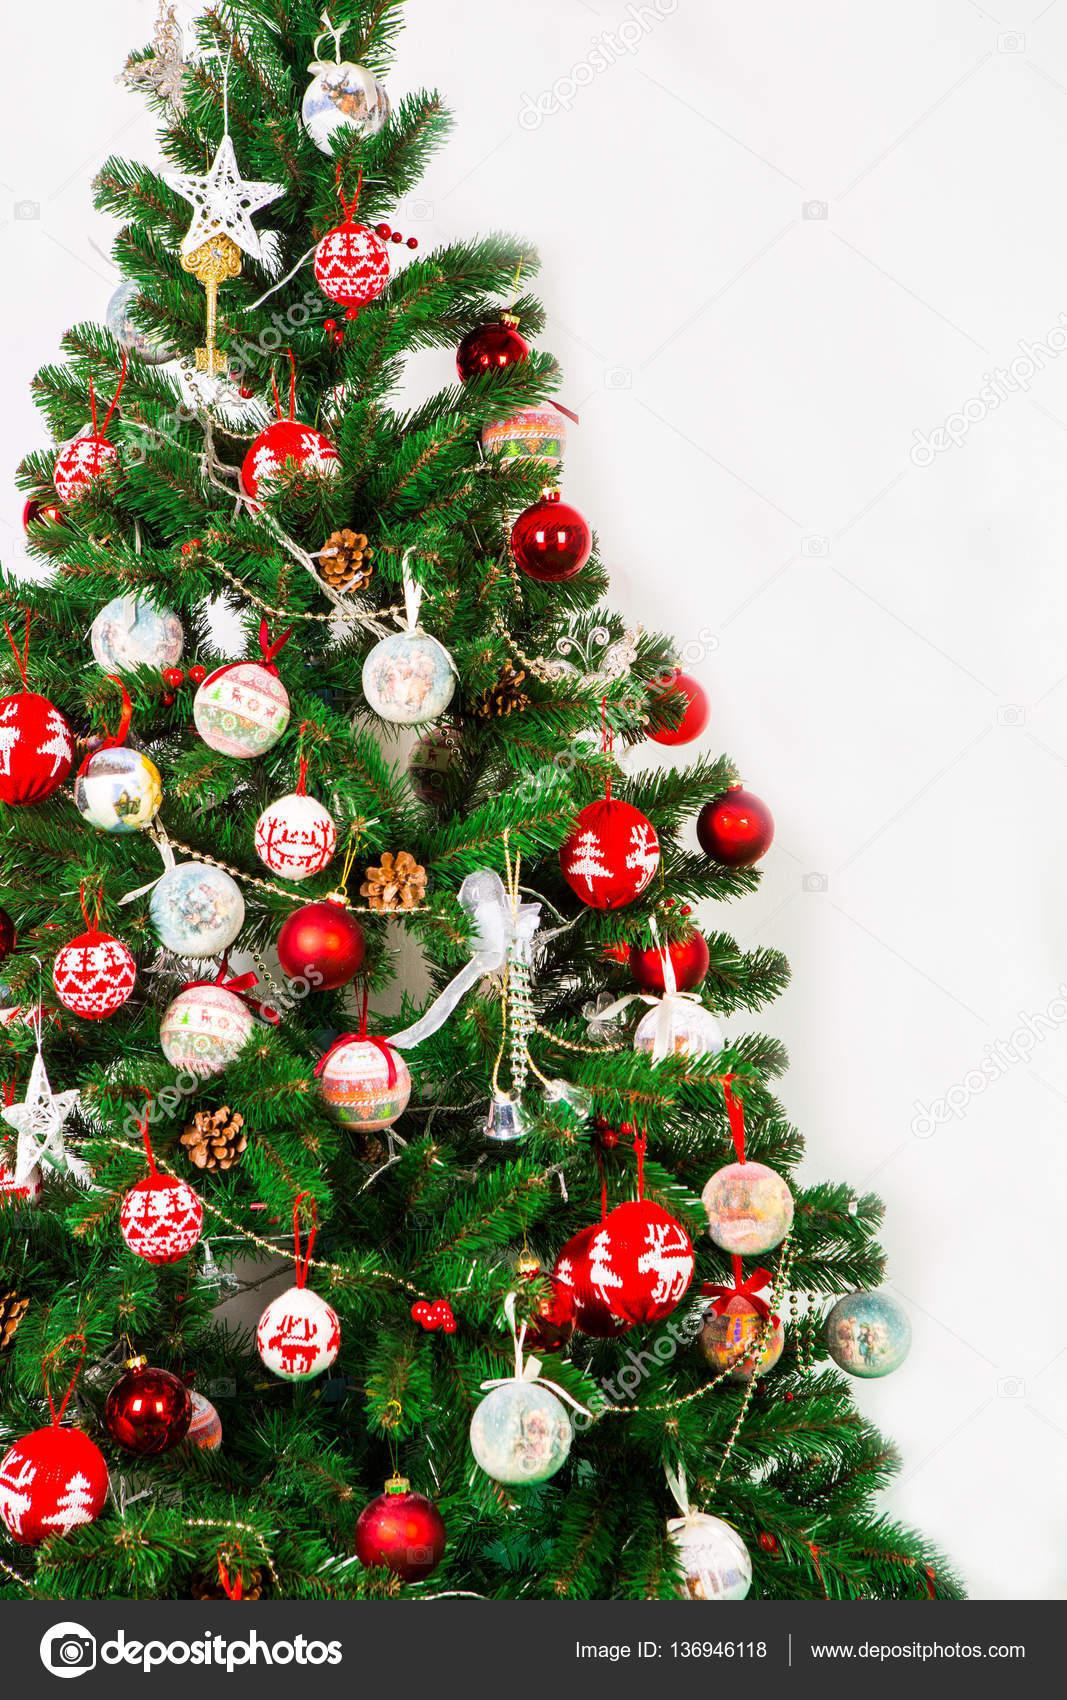 Rbol de navidad sobre fondo blanco decorado con bolas rojas y blancas fotos de stock - Comprar arboles de navidad decorados ...